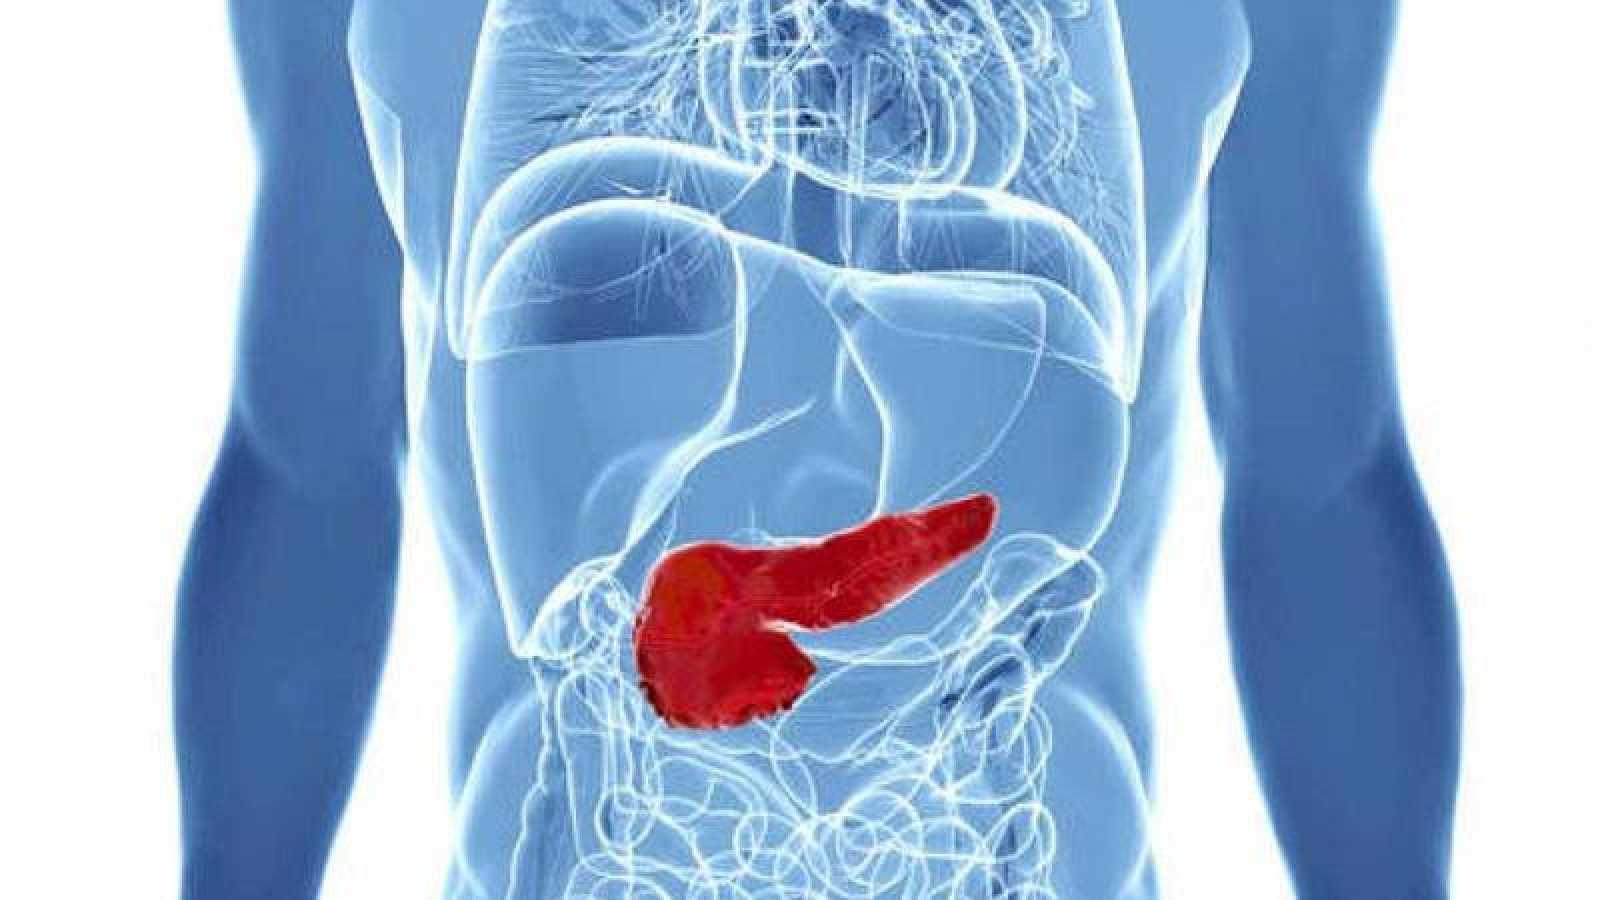 El cáncer de páncreas es el tercero que más muertes produce en España.